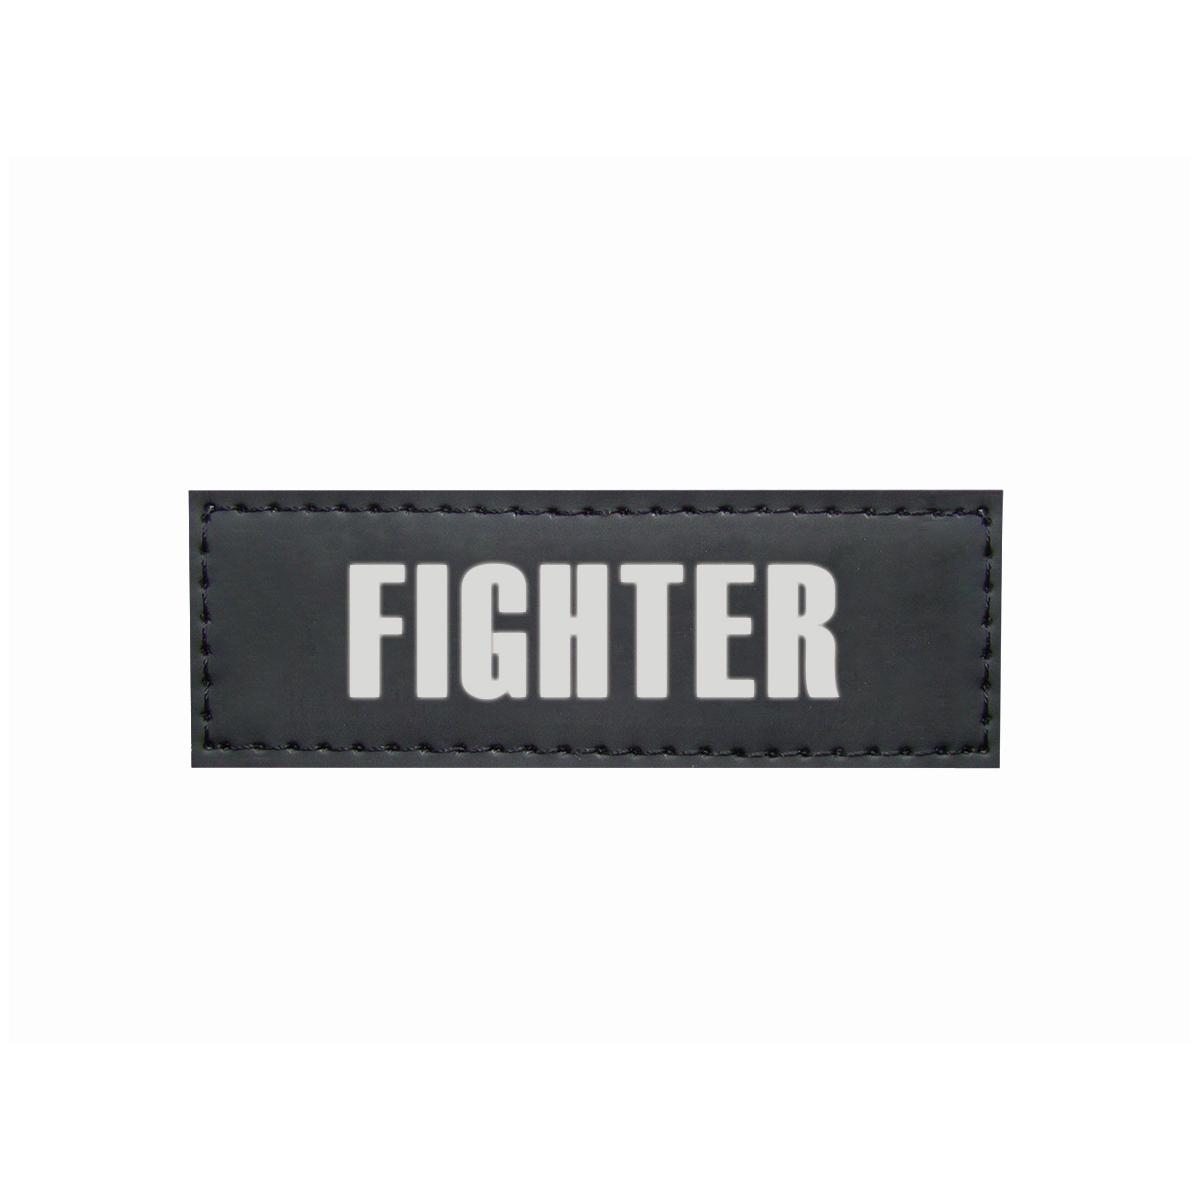 NB STICKER V. SEGURO FIGHTER 00001